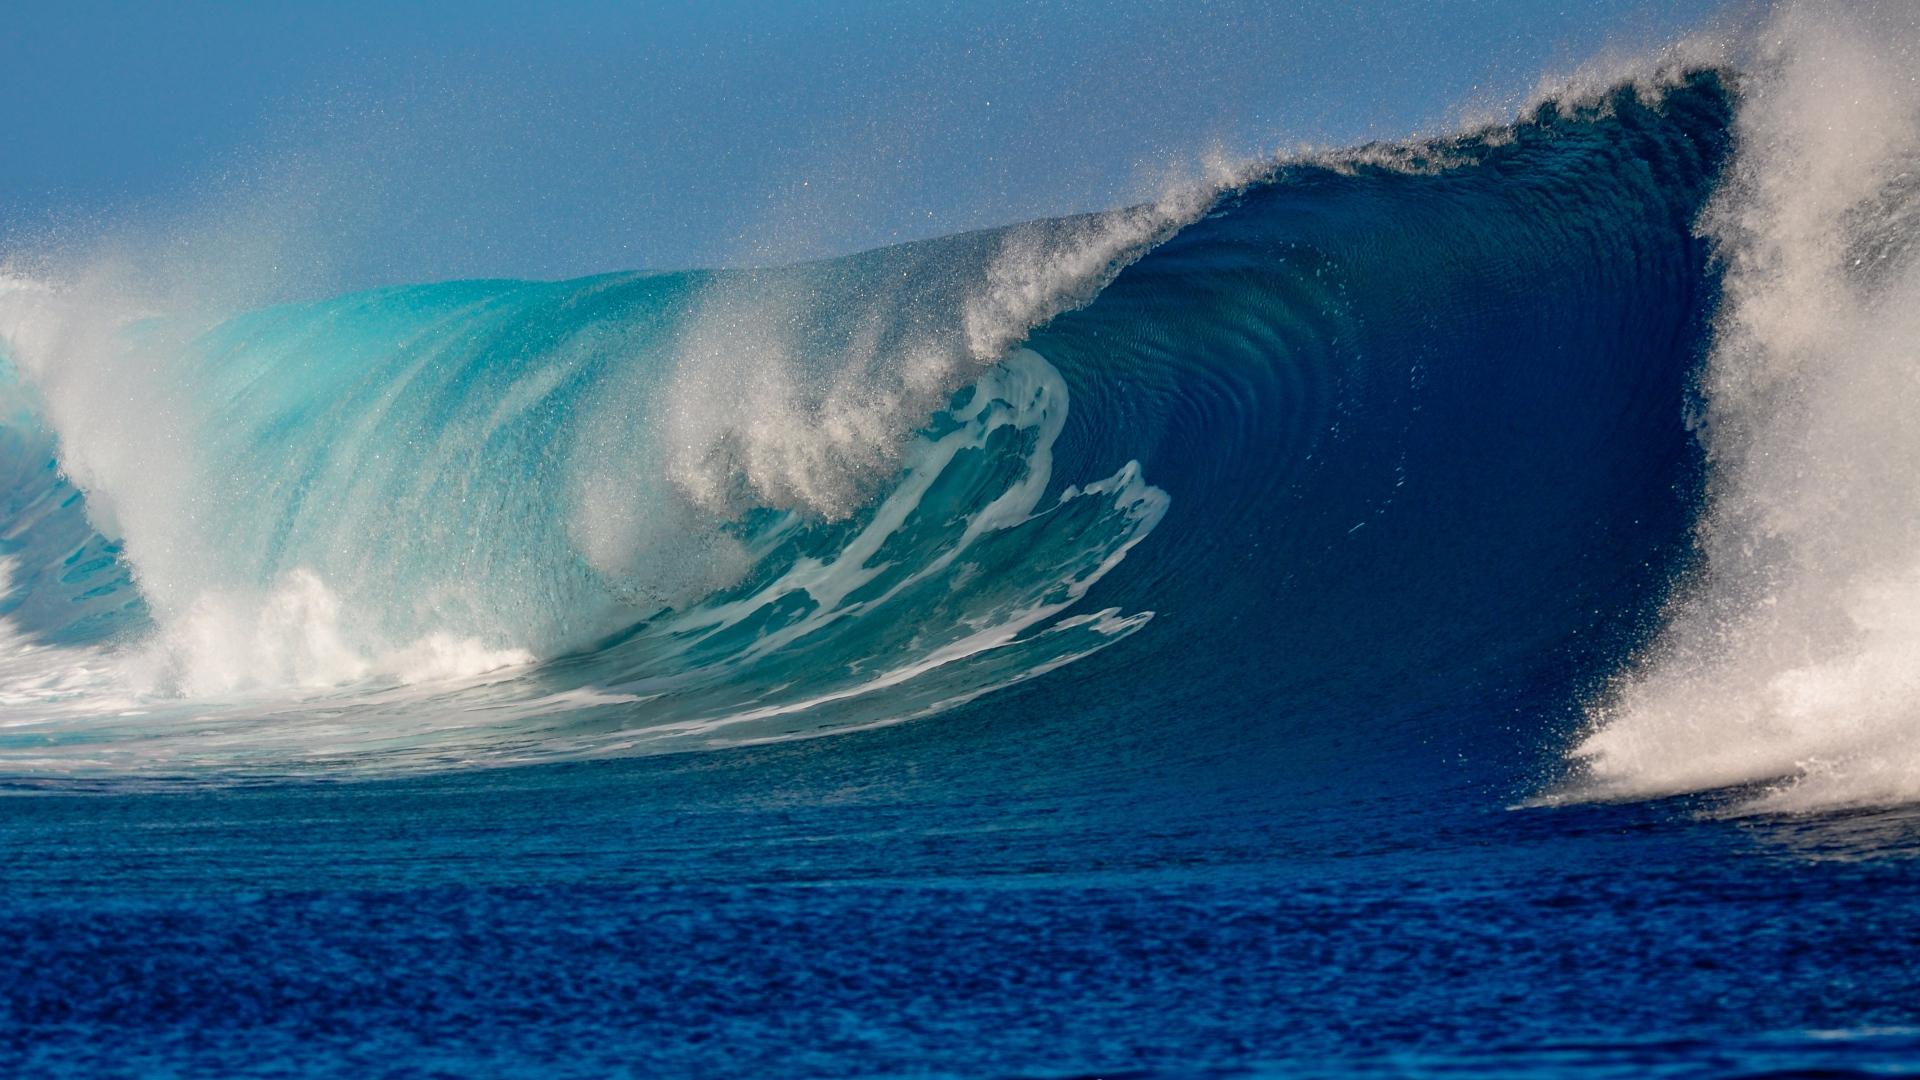 Sfondo hd onda oceano sfondi hd gratis for Immagini sfondo hd